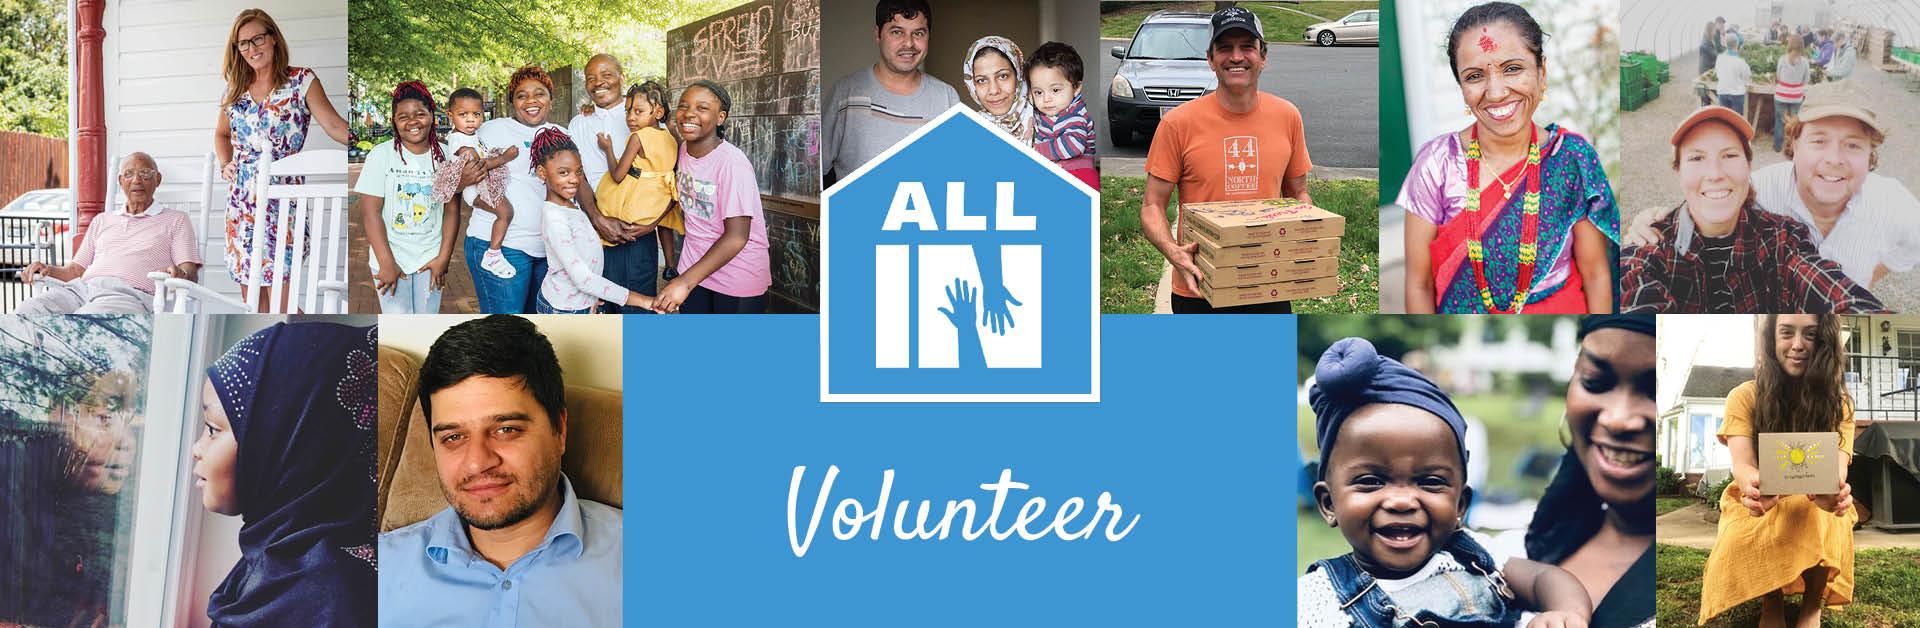 All In Hero Image_Volunteer